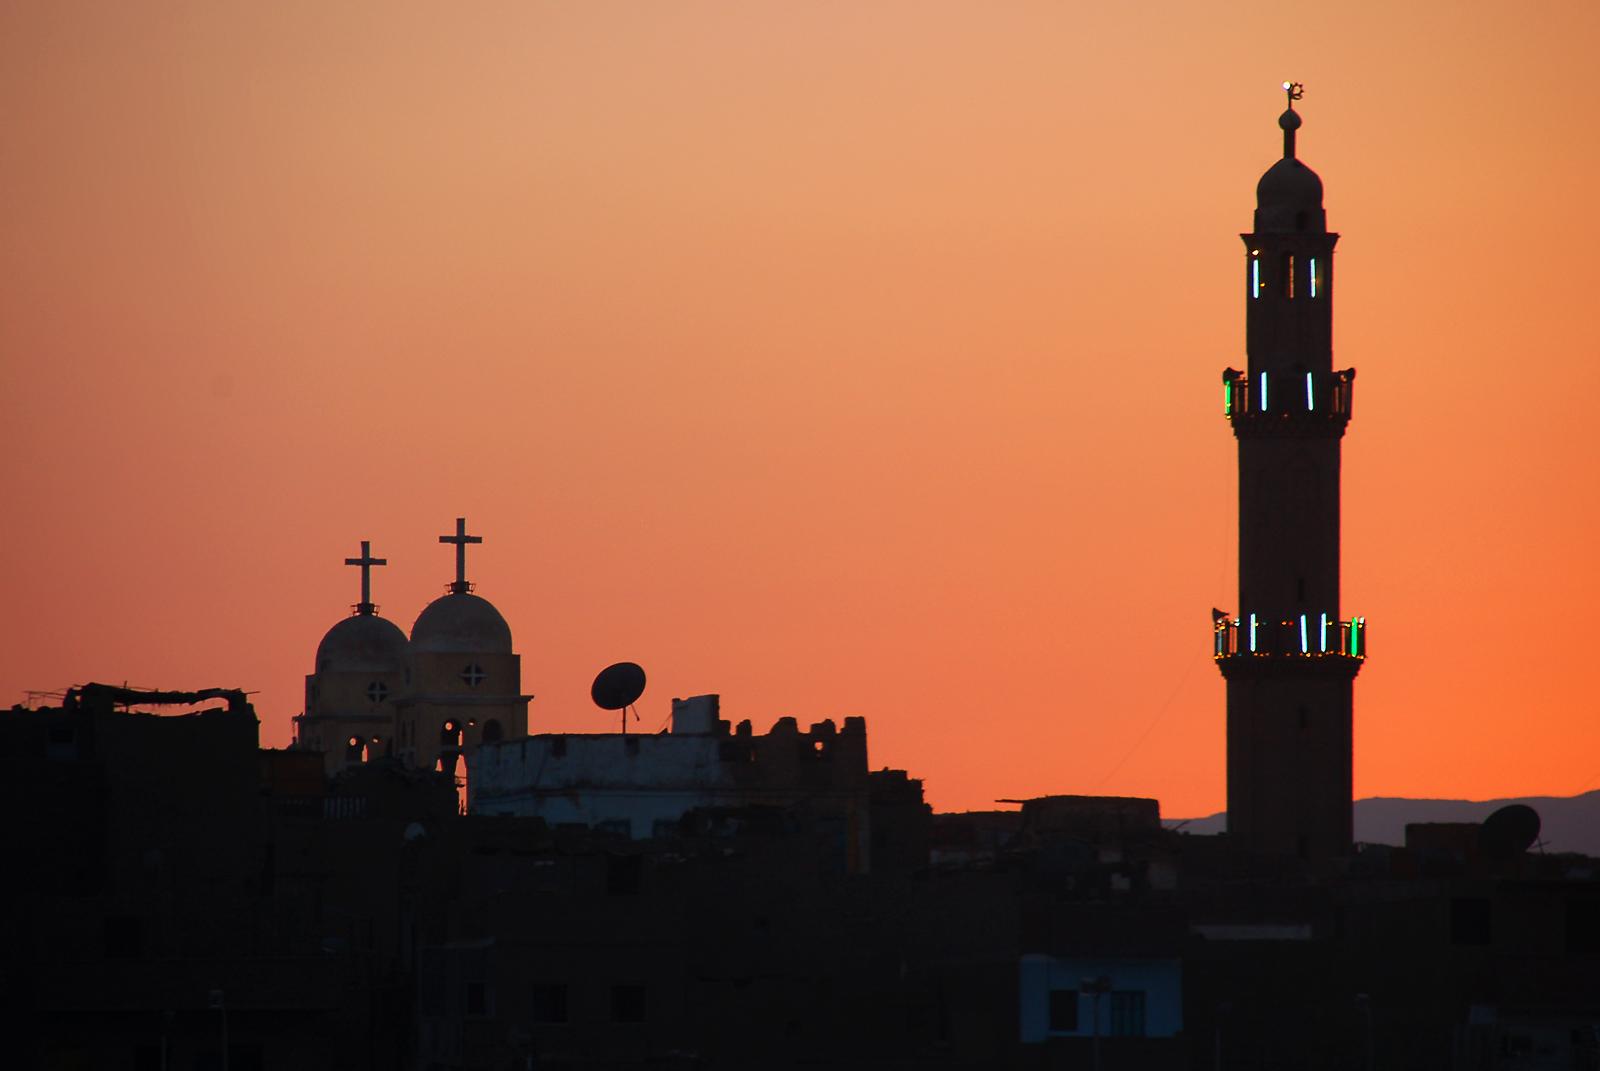 Christentum und Islam - beides kann nebeneinander existieren.